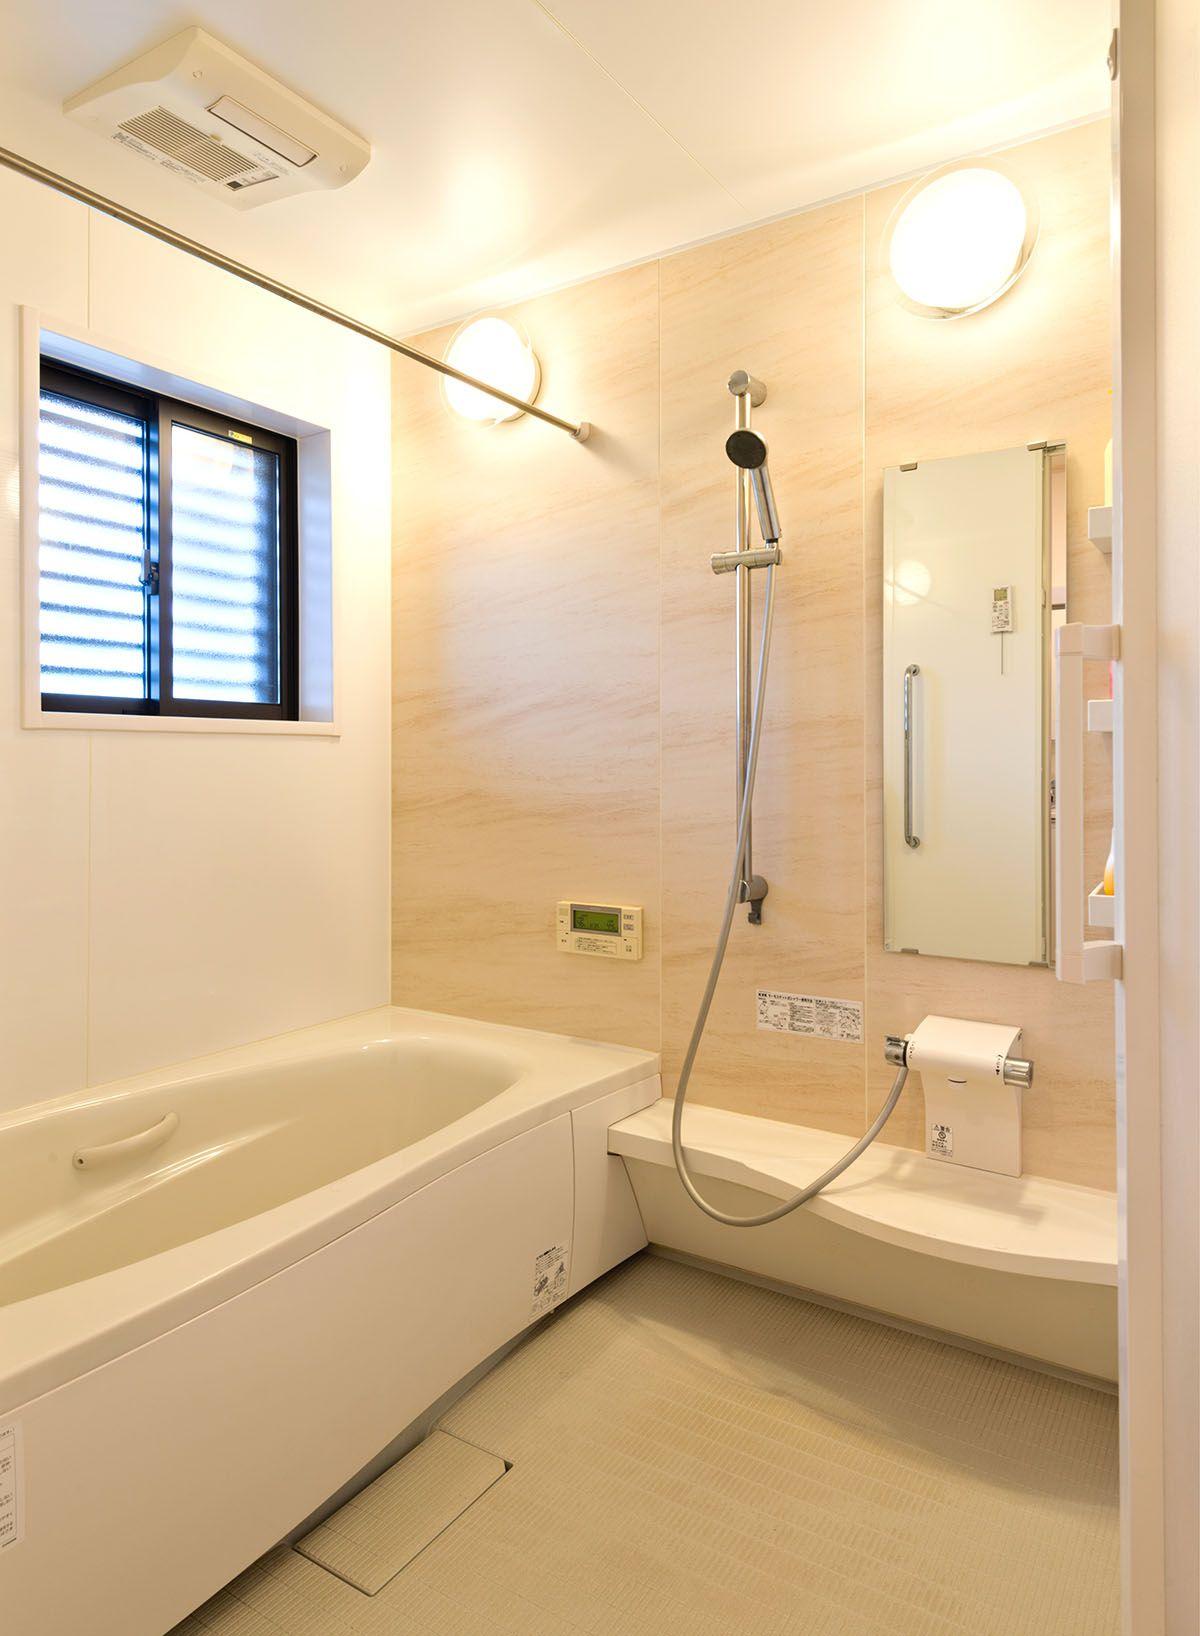 ペットと暮らす おうちカフェ スタイル 浴室の改装 カフェスタイル リノベーション